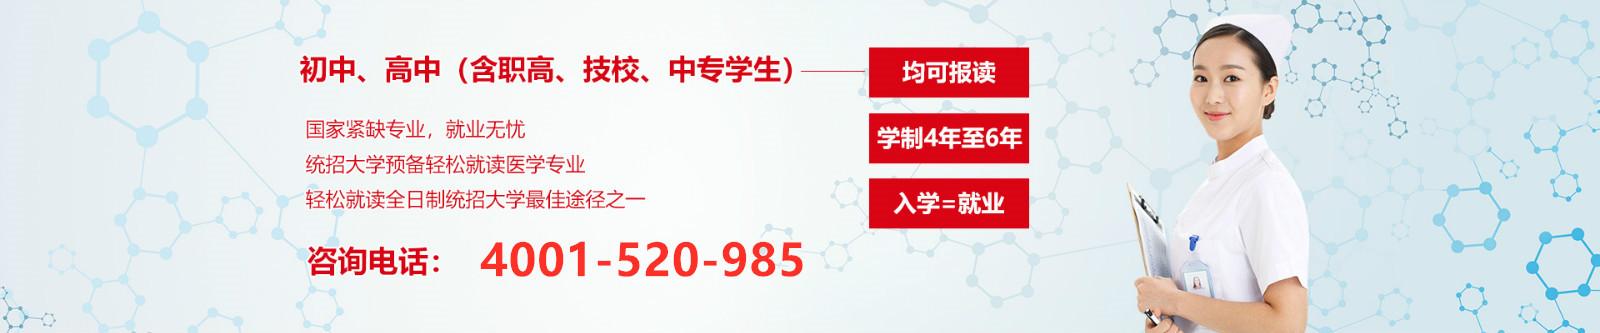 山东省烟台护士学校